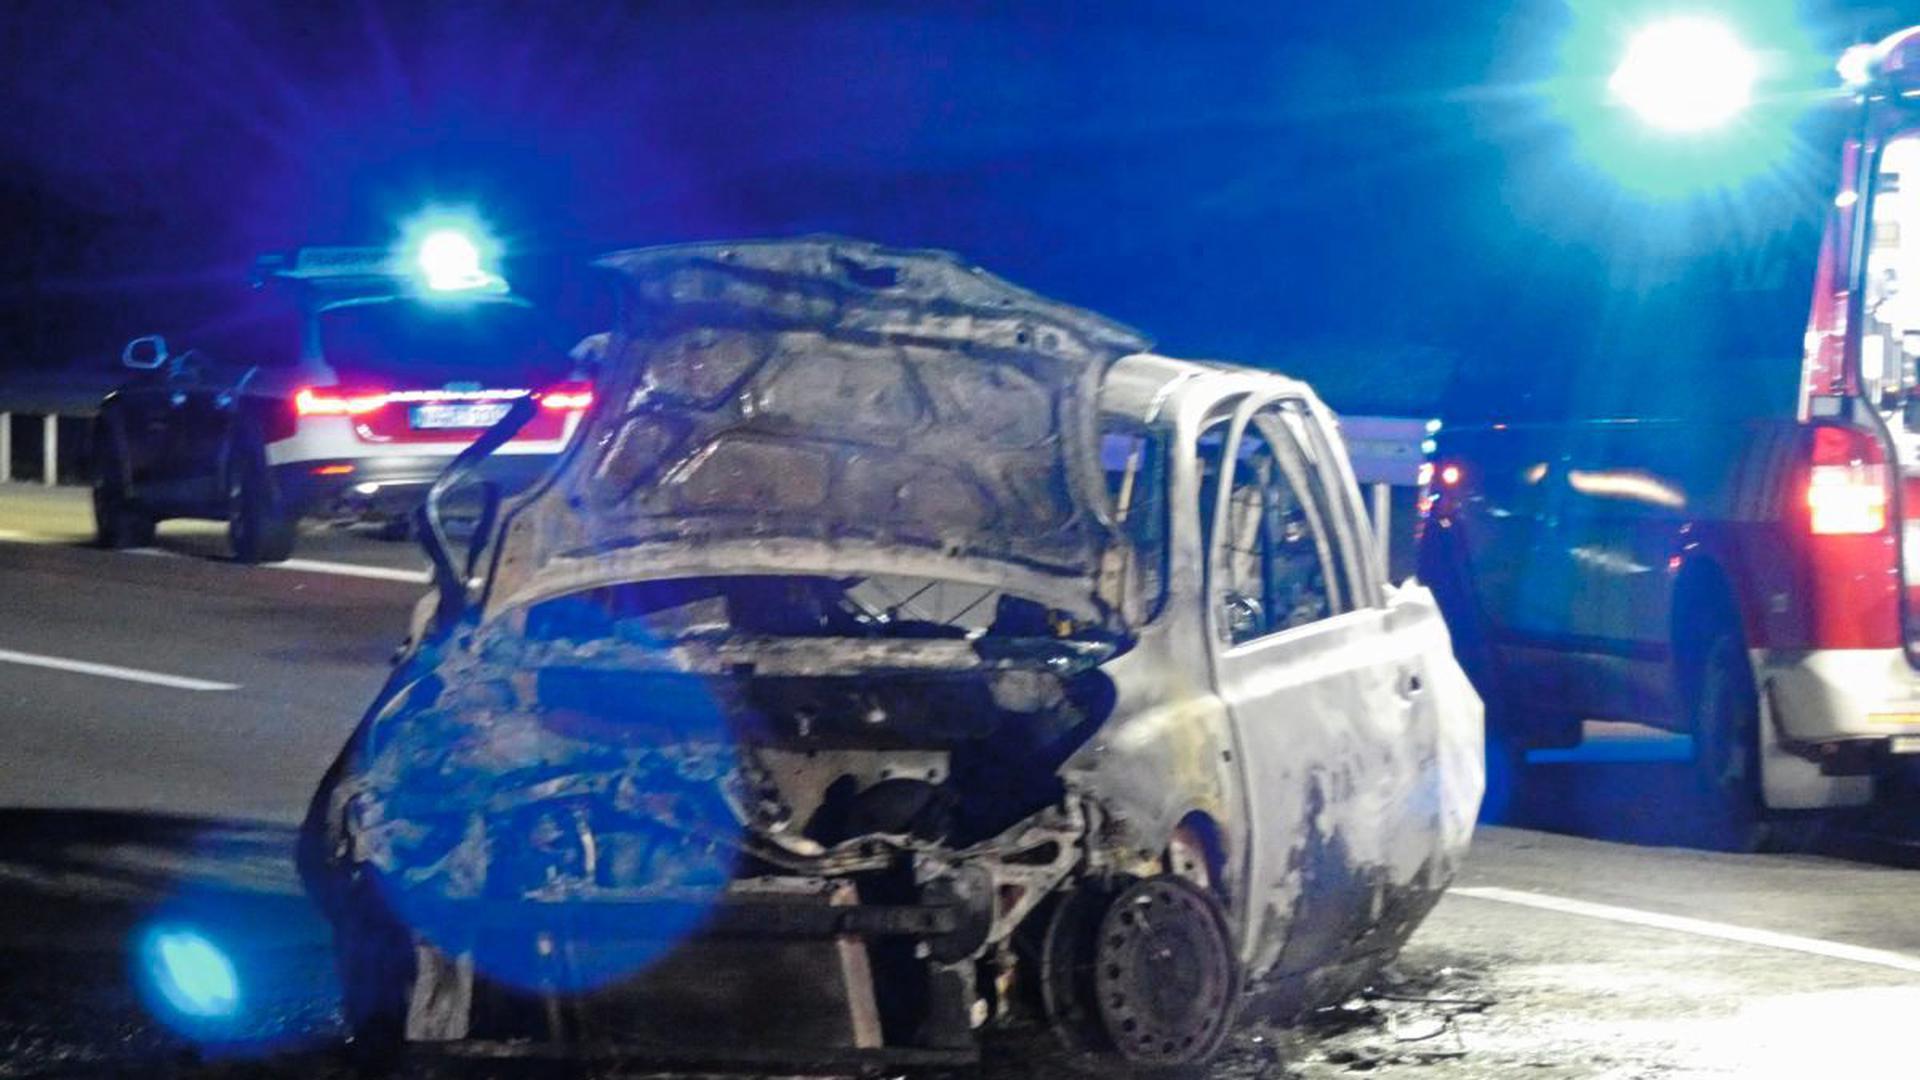 Bei einem tödlichen Verkehrsunfall auf der A5 bei Ettlingen sind am Sonntagabend zwei Menschen in ihrem Fahrzeug verbrannt.